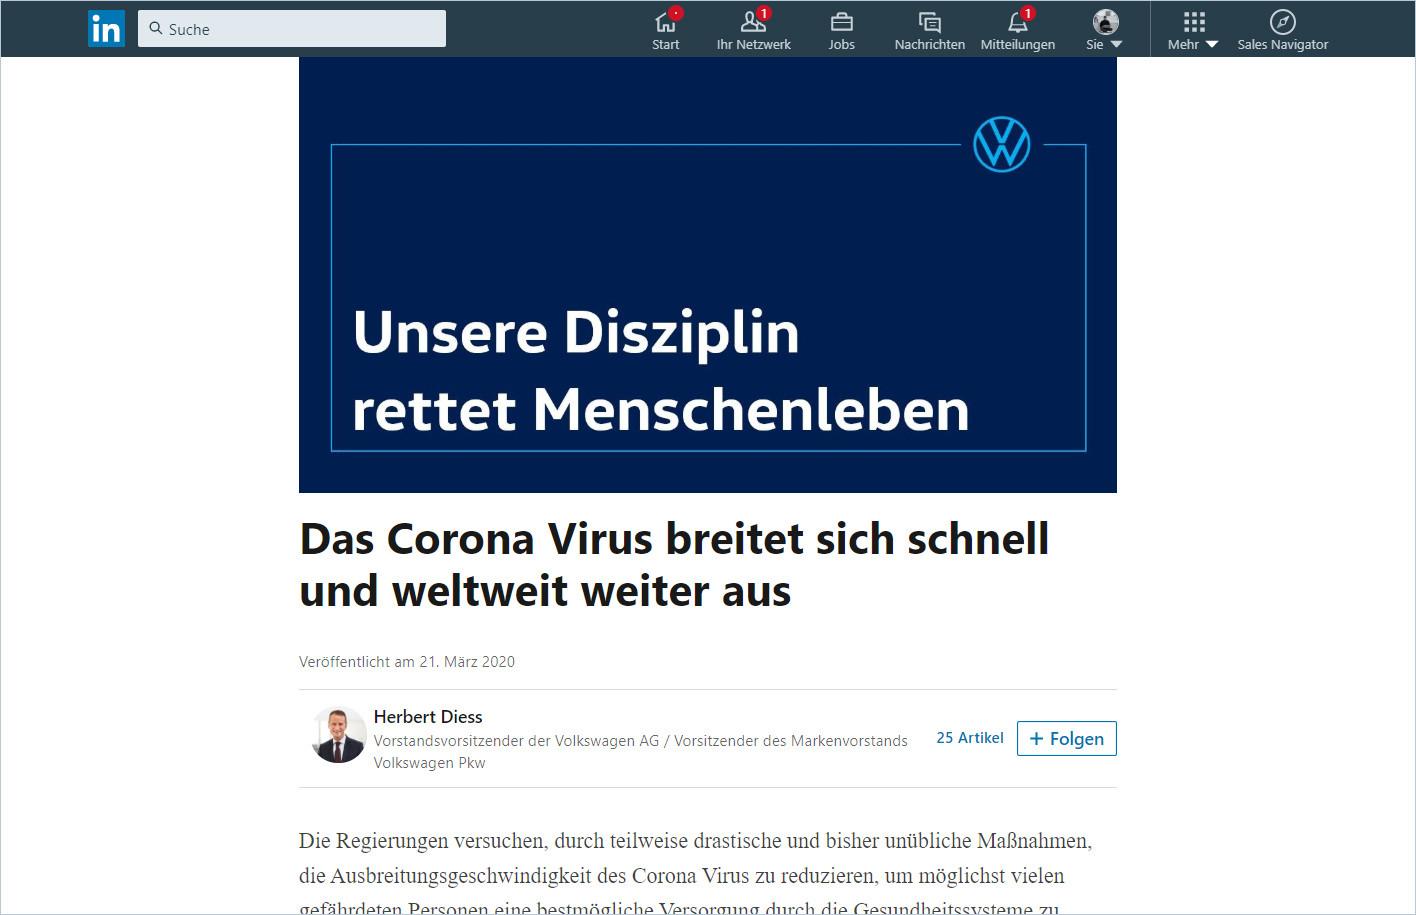 Herbert Diess LinkedIn